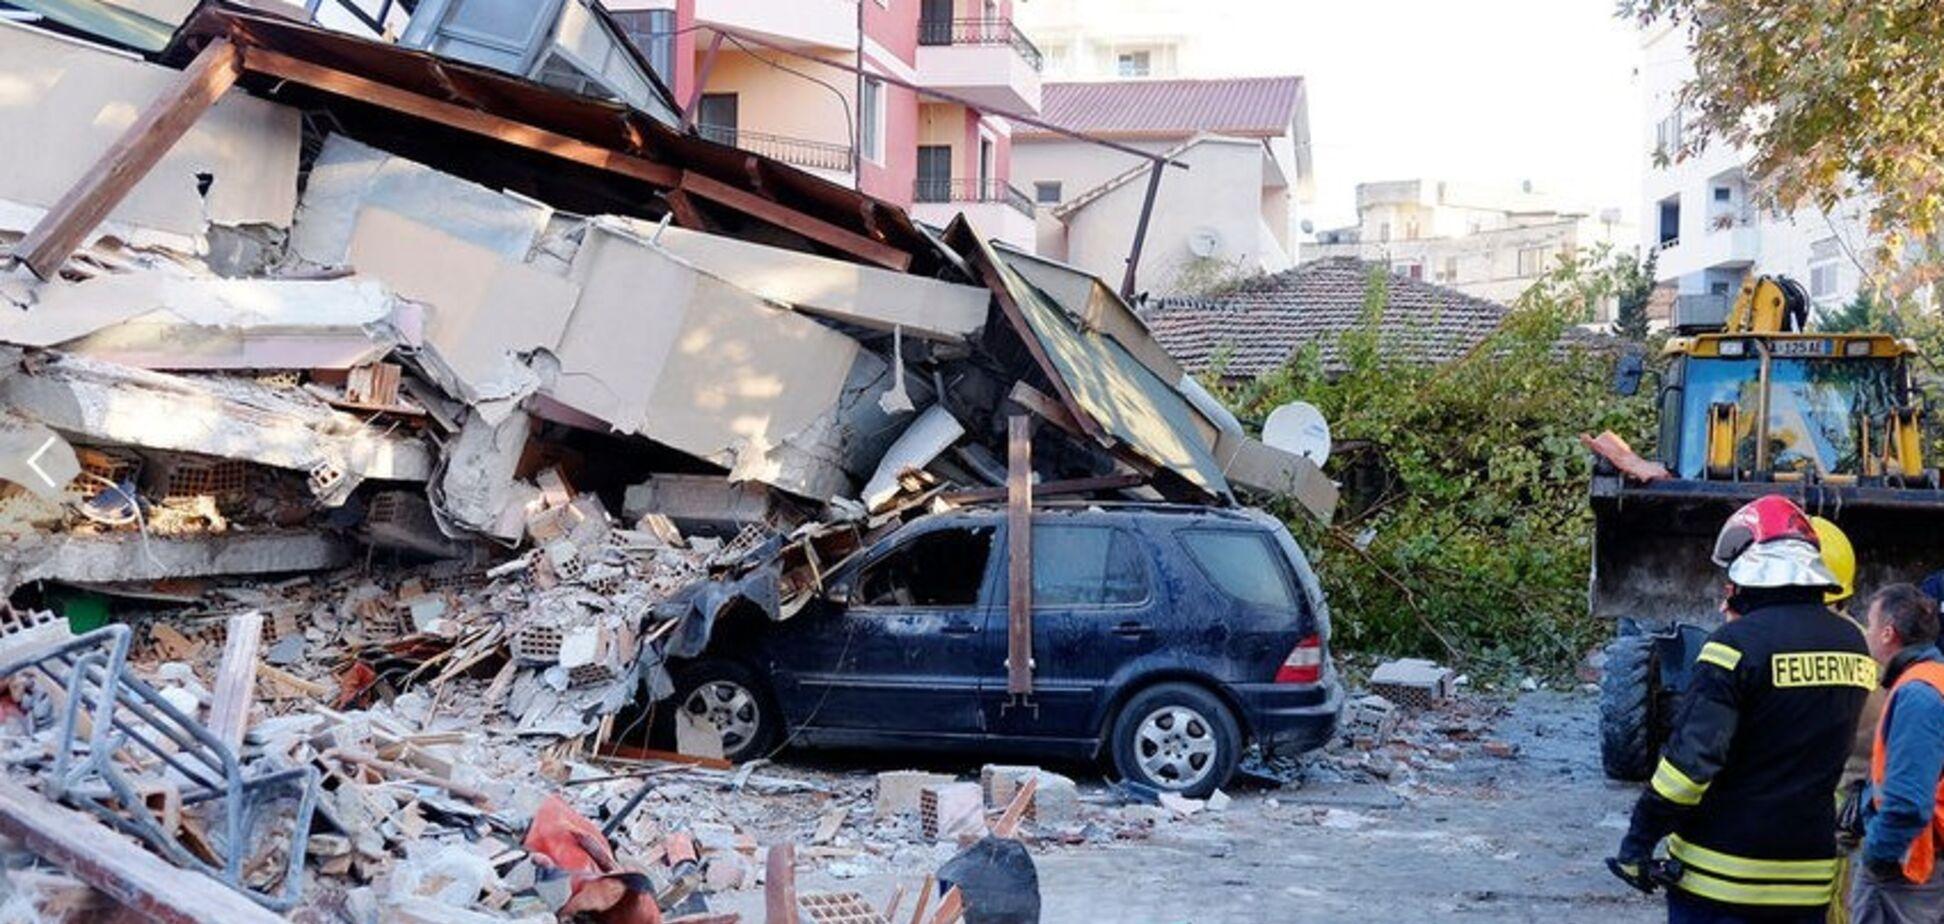 Слідом за Албанією: ще одну країну сколихнув потужний землетрус